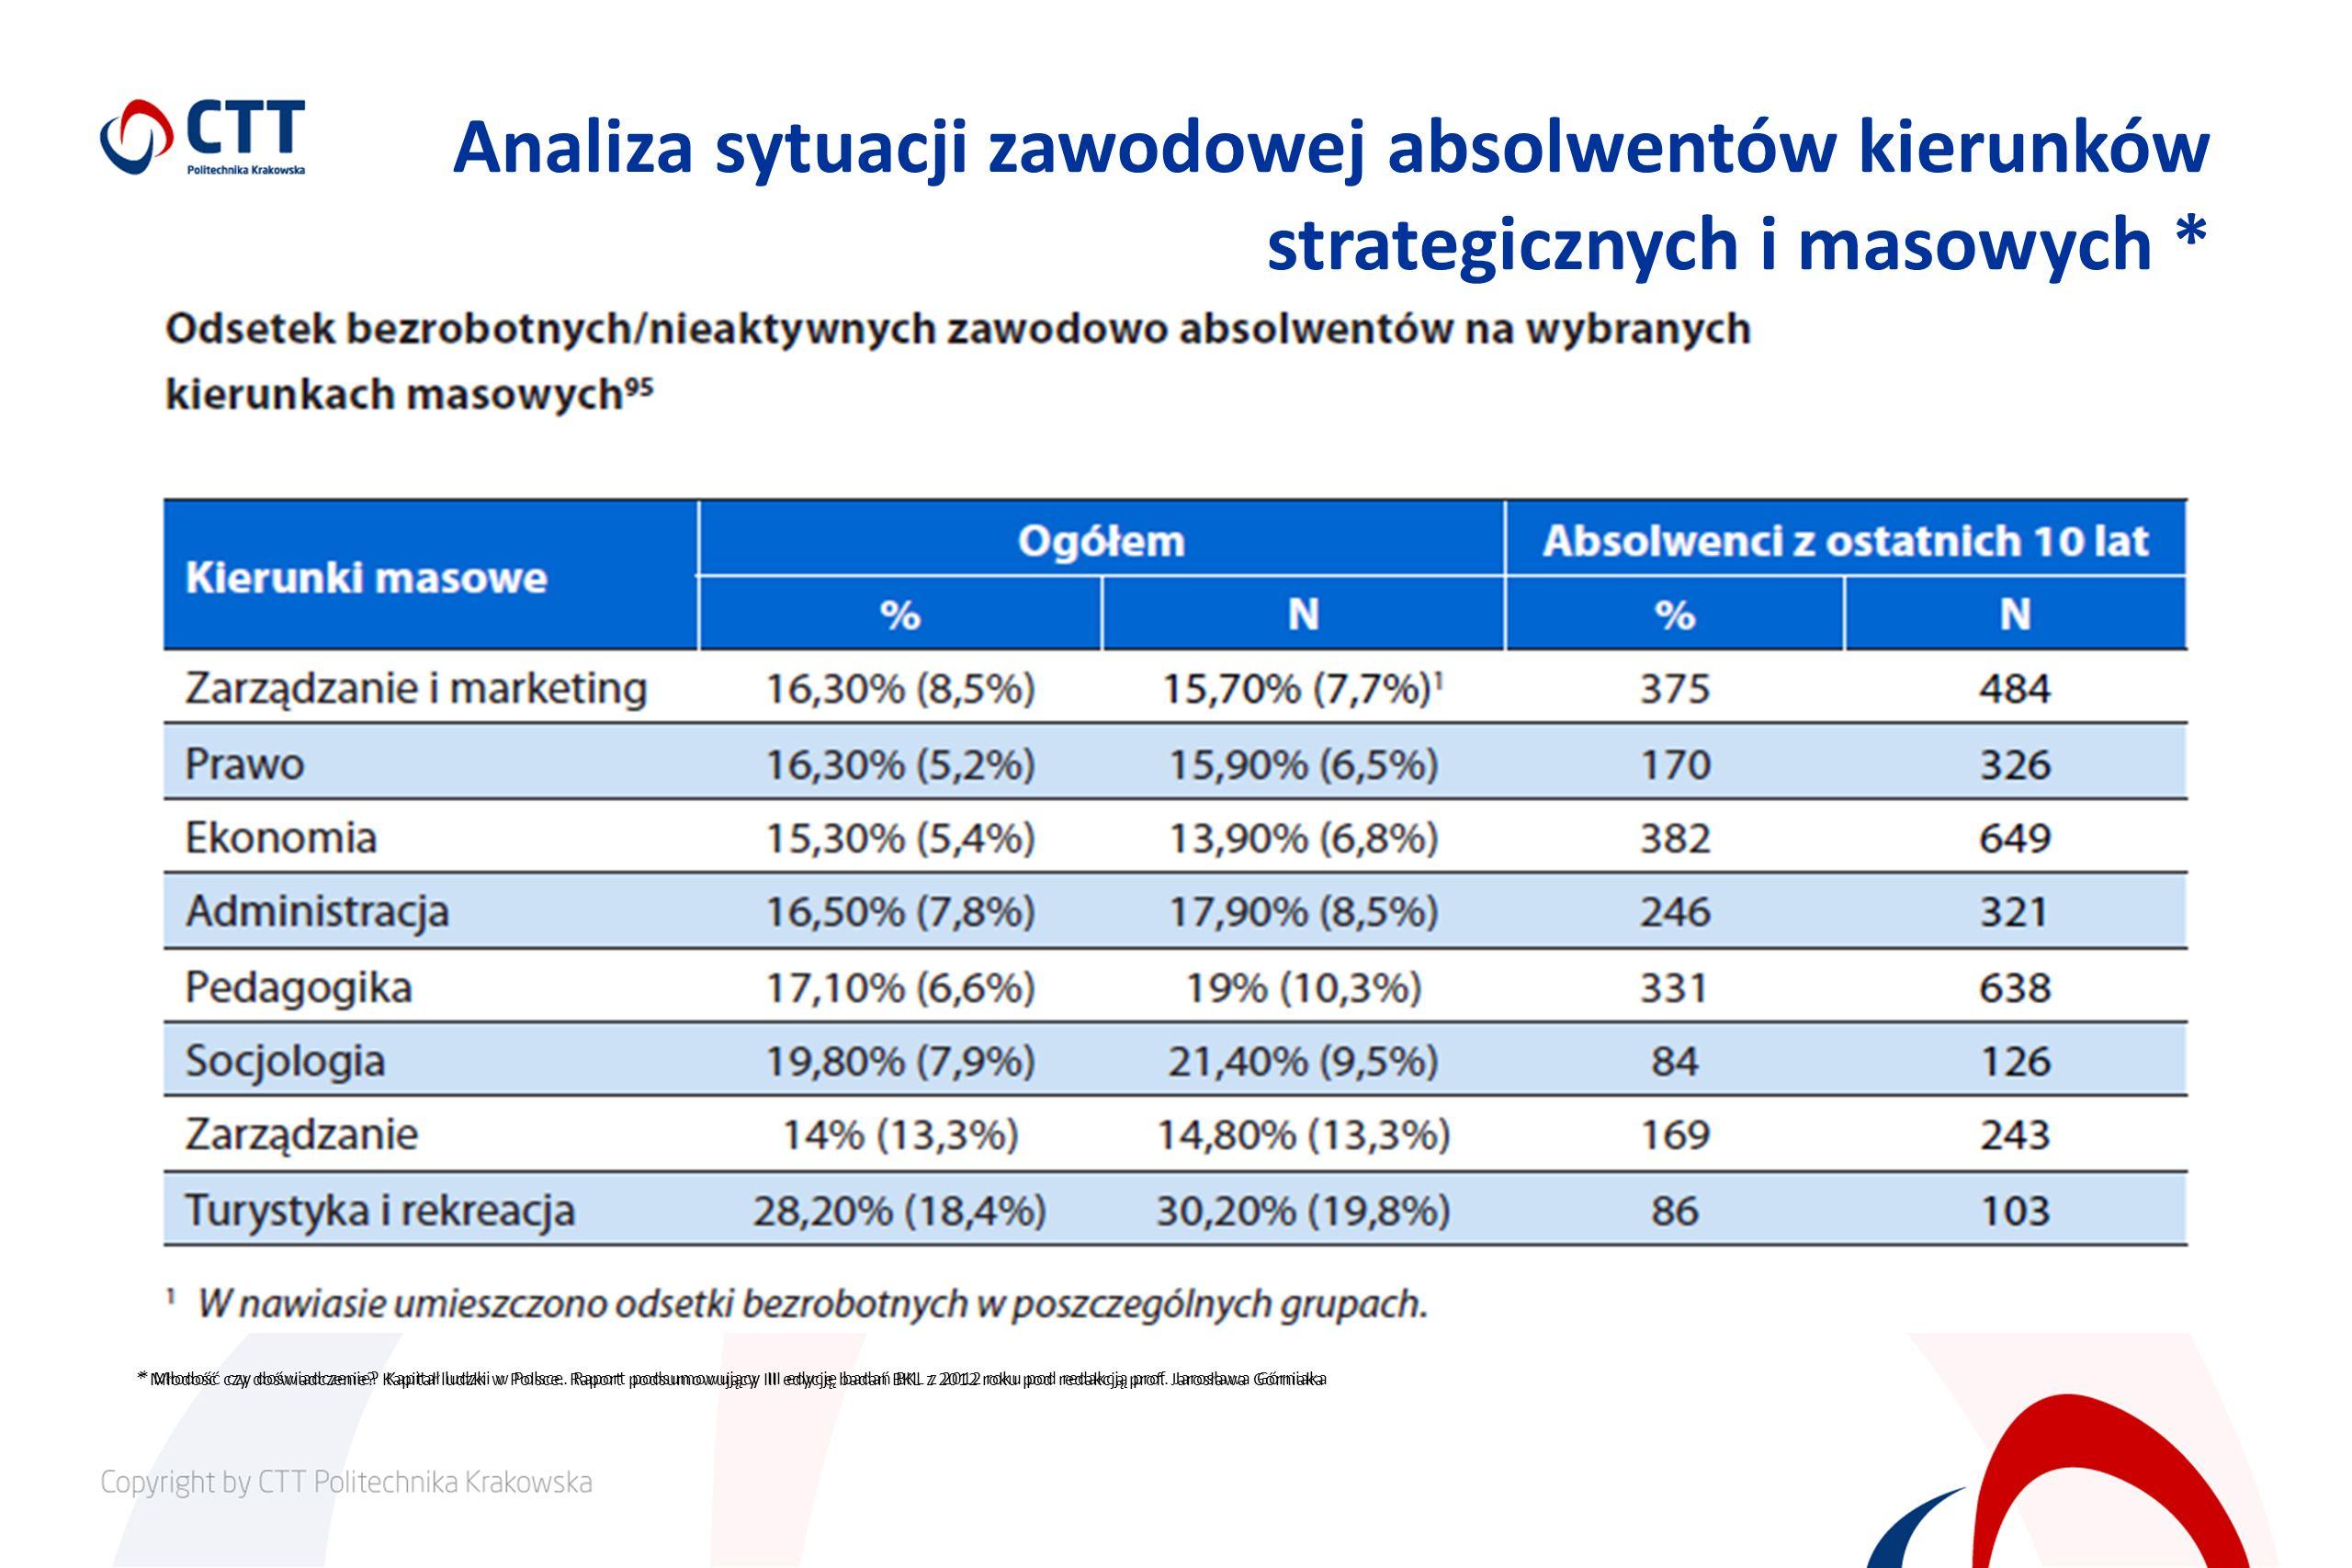 Analiza sytuacji zawodowej absolwentów kierunków strategicznych i masowych *